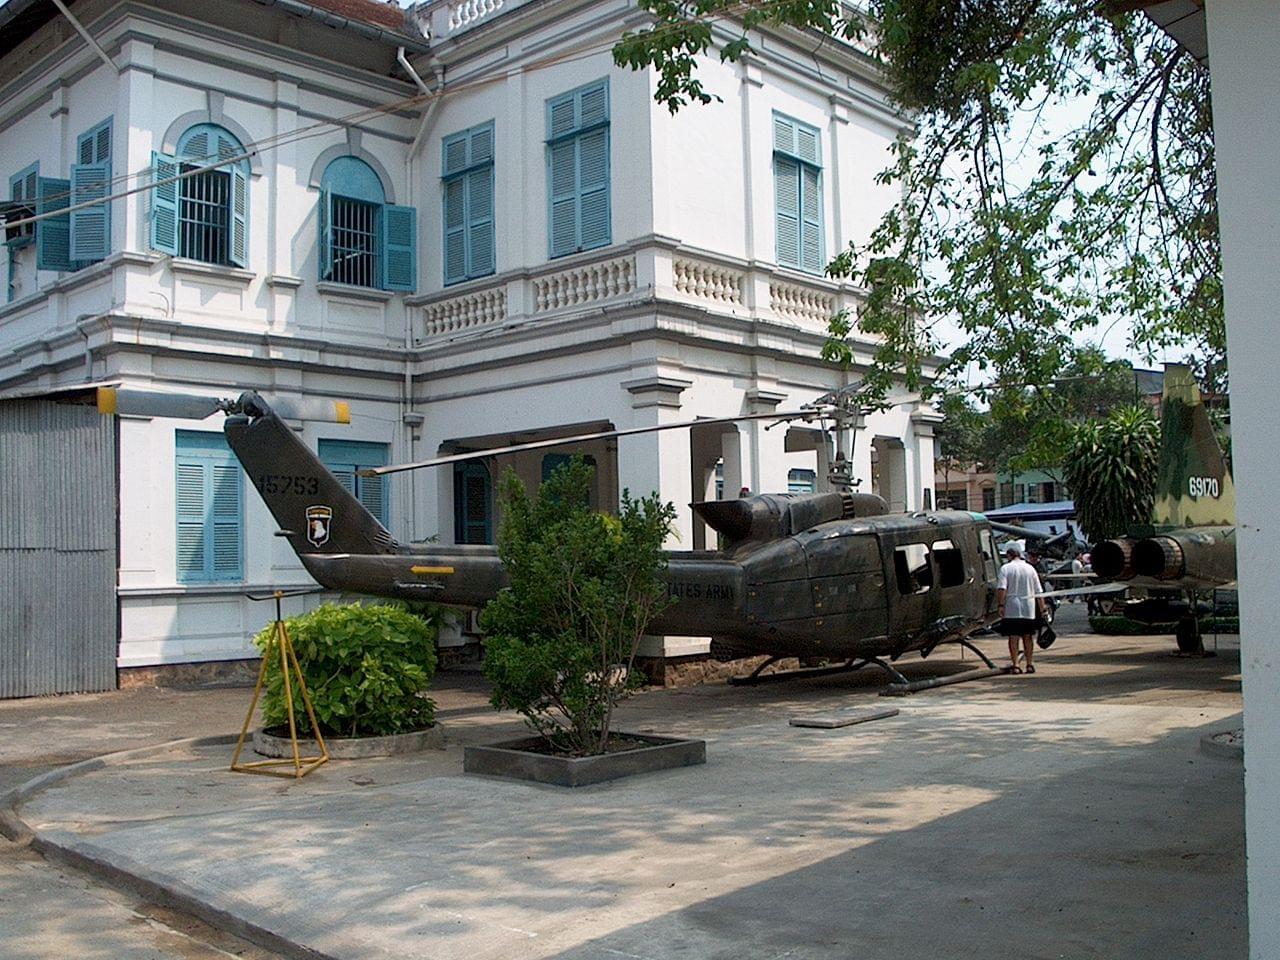 ベトナム・ホーチミンの必見観光スポットまとめ!歴史や文化を知るならここ!